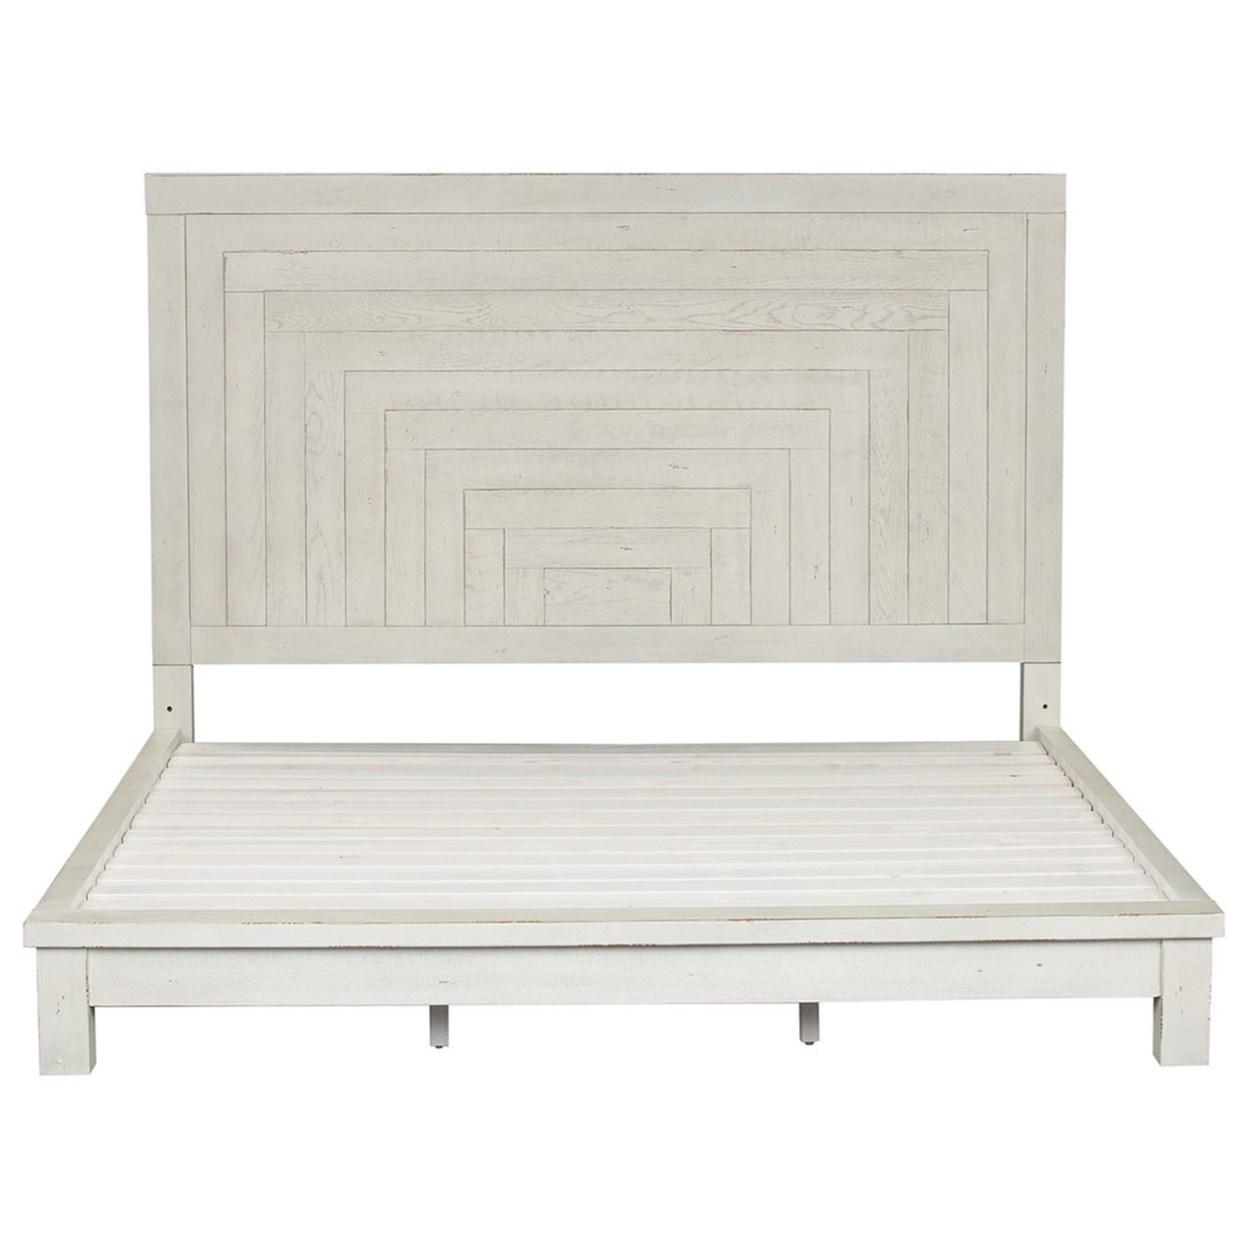 Contemporary Queen Platform Bed